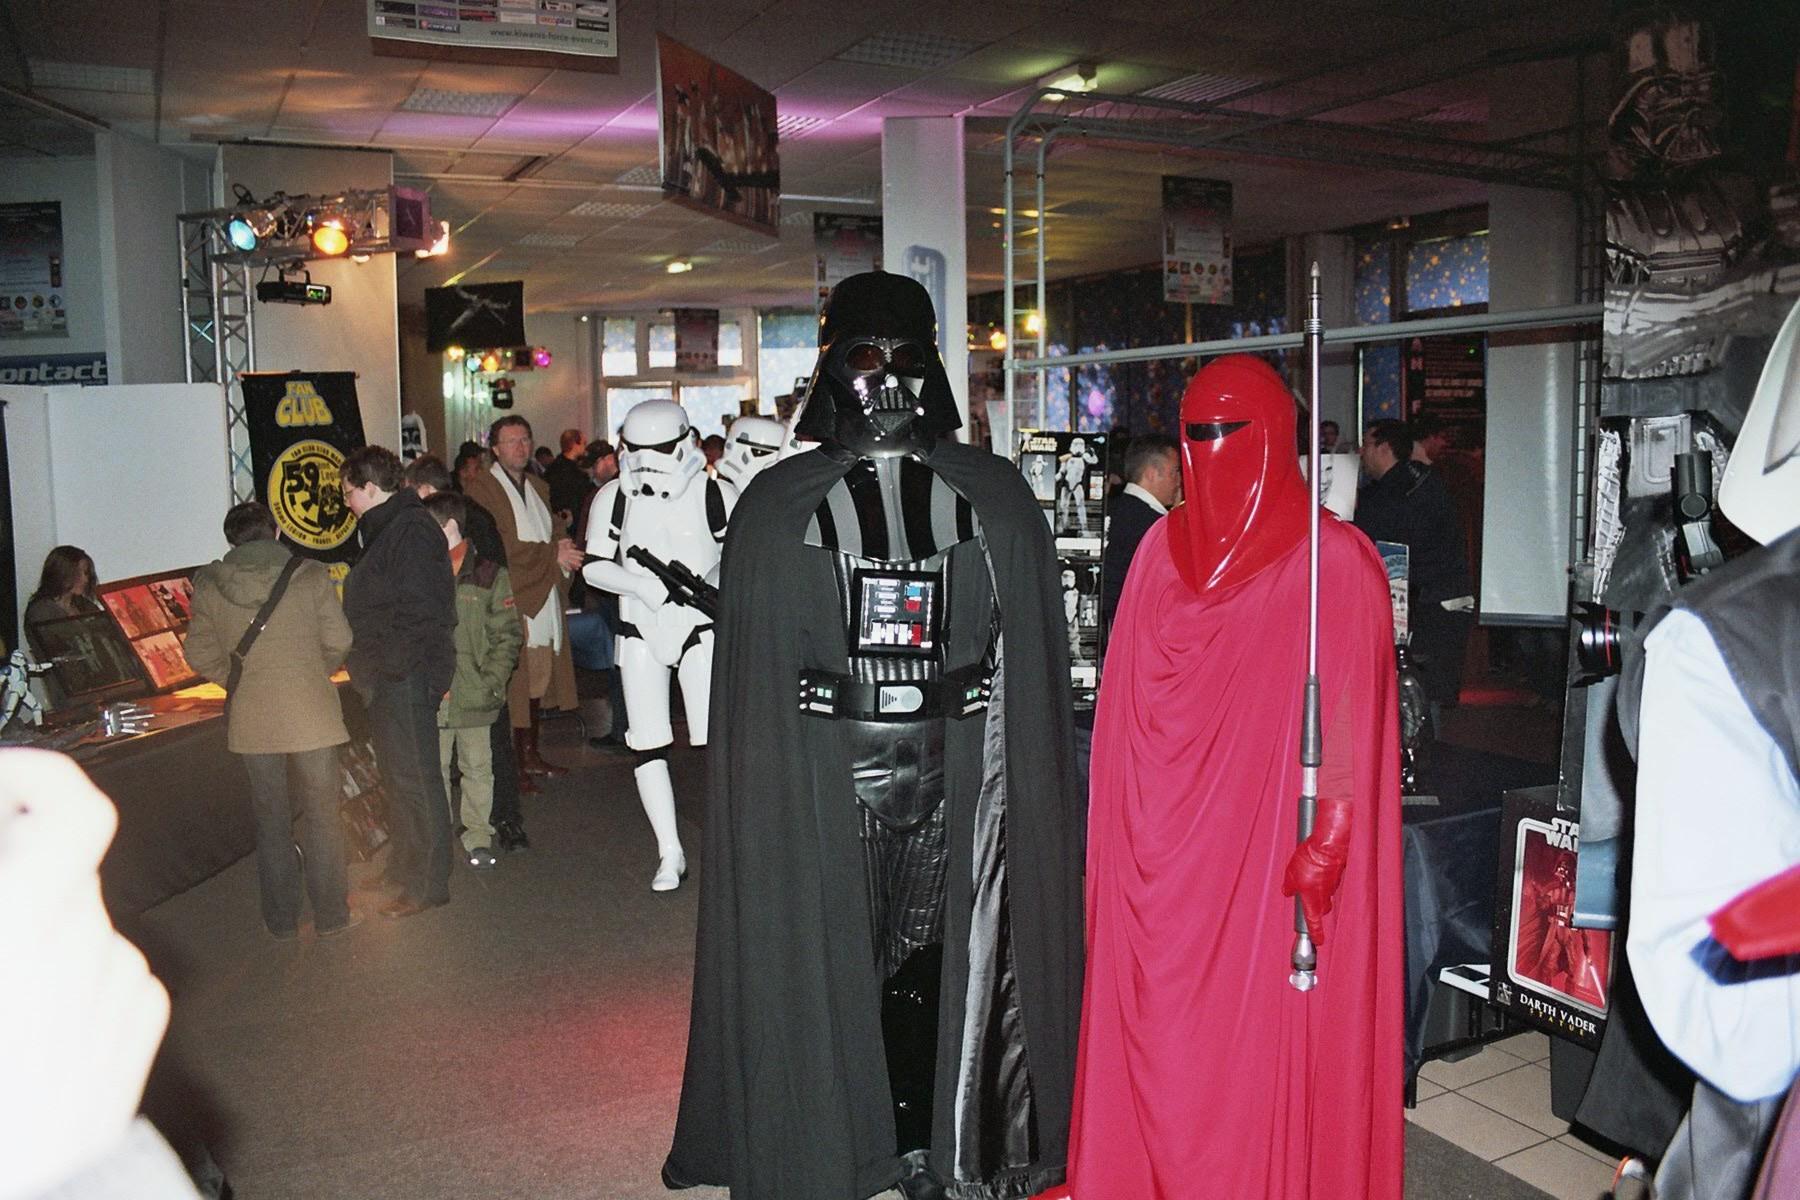 Photo 126 - Darth Vader pose